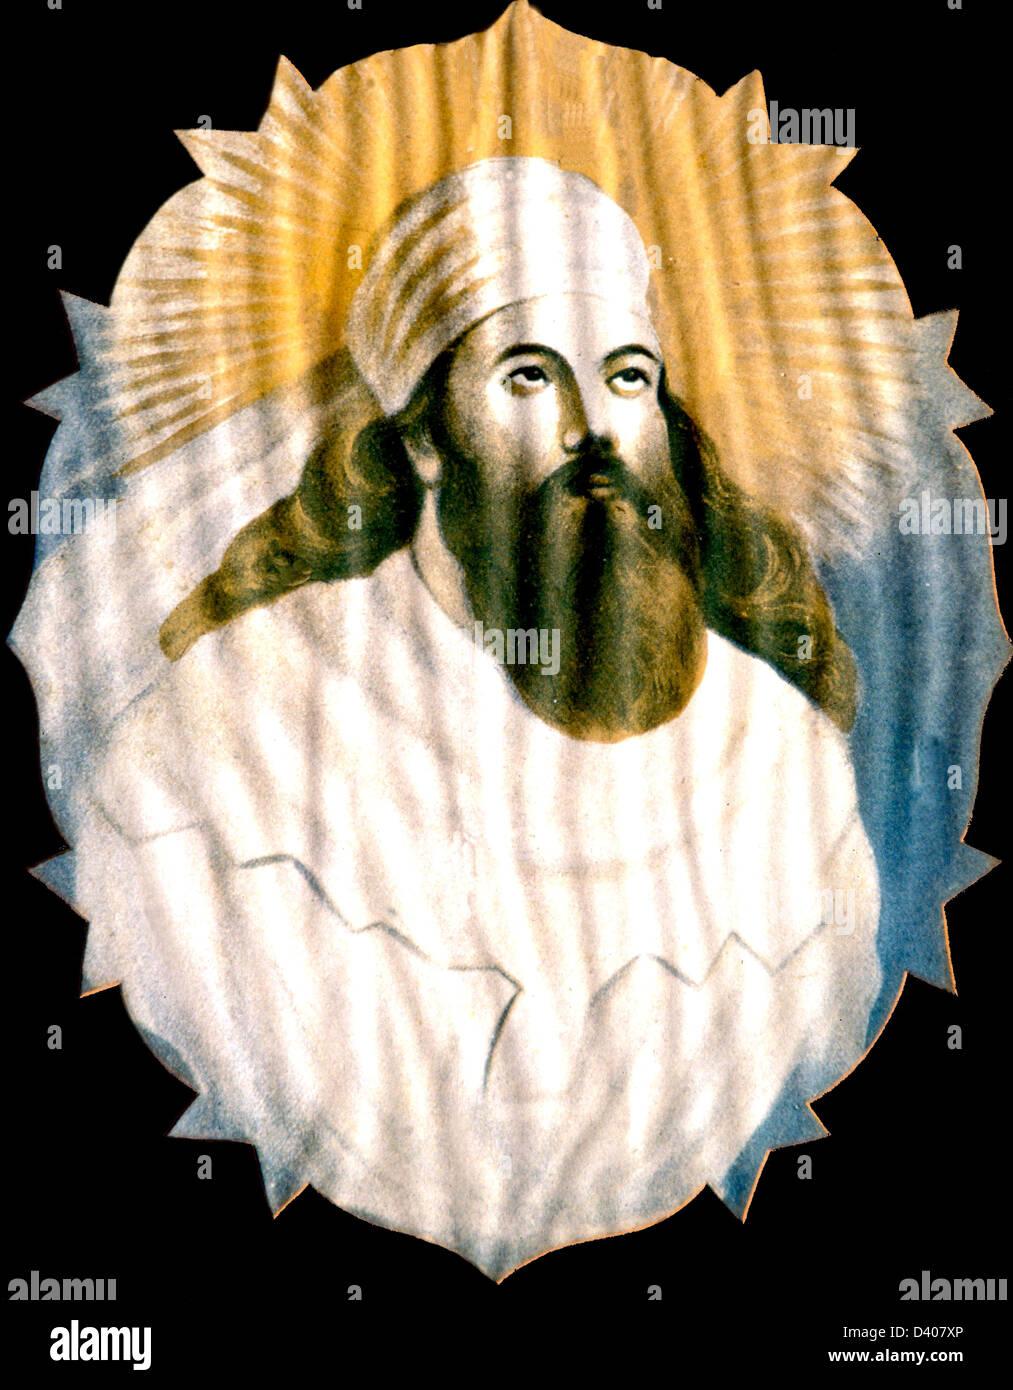 Retrato del profeta zoroastra Zaratustra Zoroastro, también conocido como Zaratustra, Zaratustra Spitama, o Ashu Zaratustra, era un antiguo profeta iraní, líder espiritual y filósofo ético que enseñó una filosofía espiritual de auto-realización y realización de lo Divino. C.E., C. Foto de stock